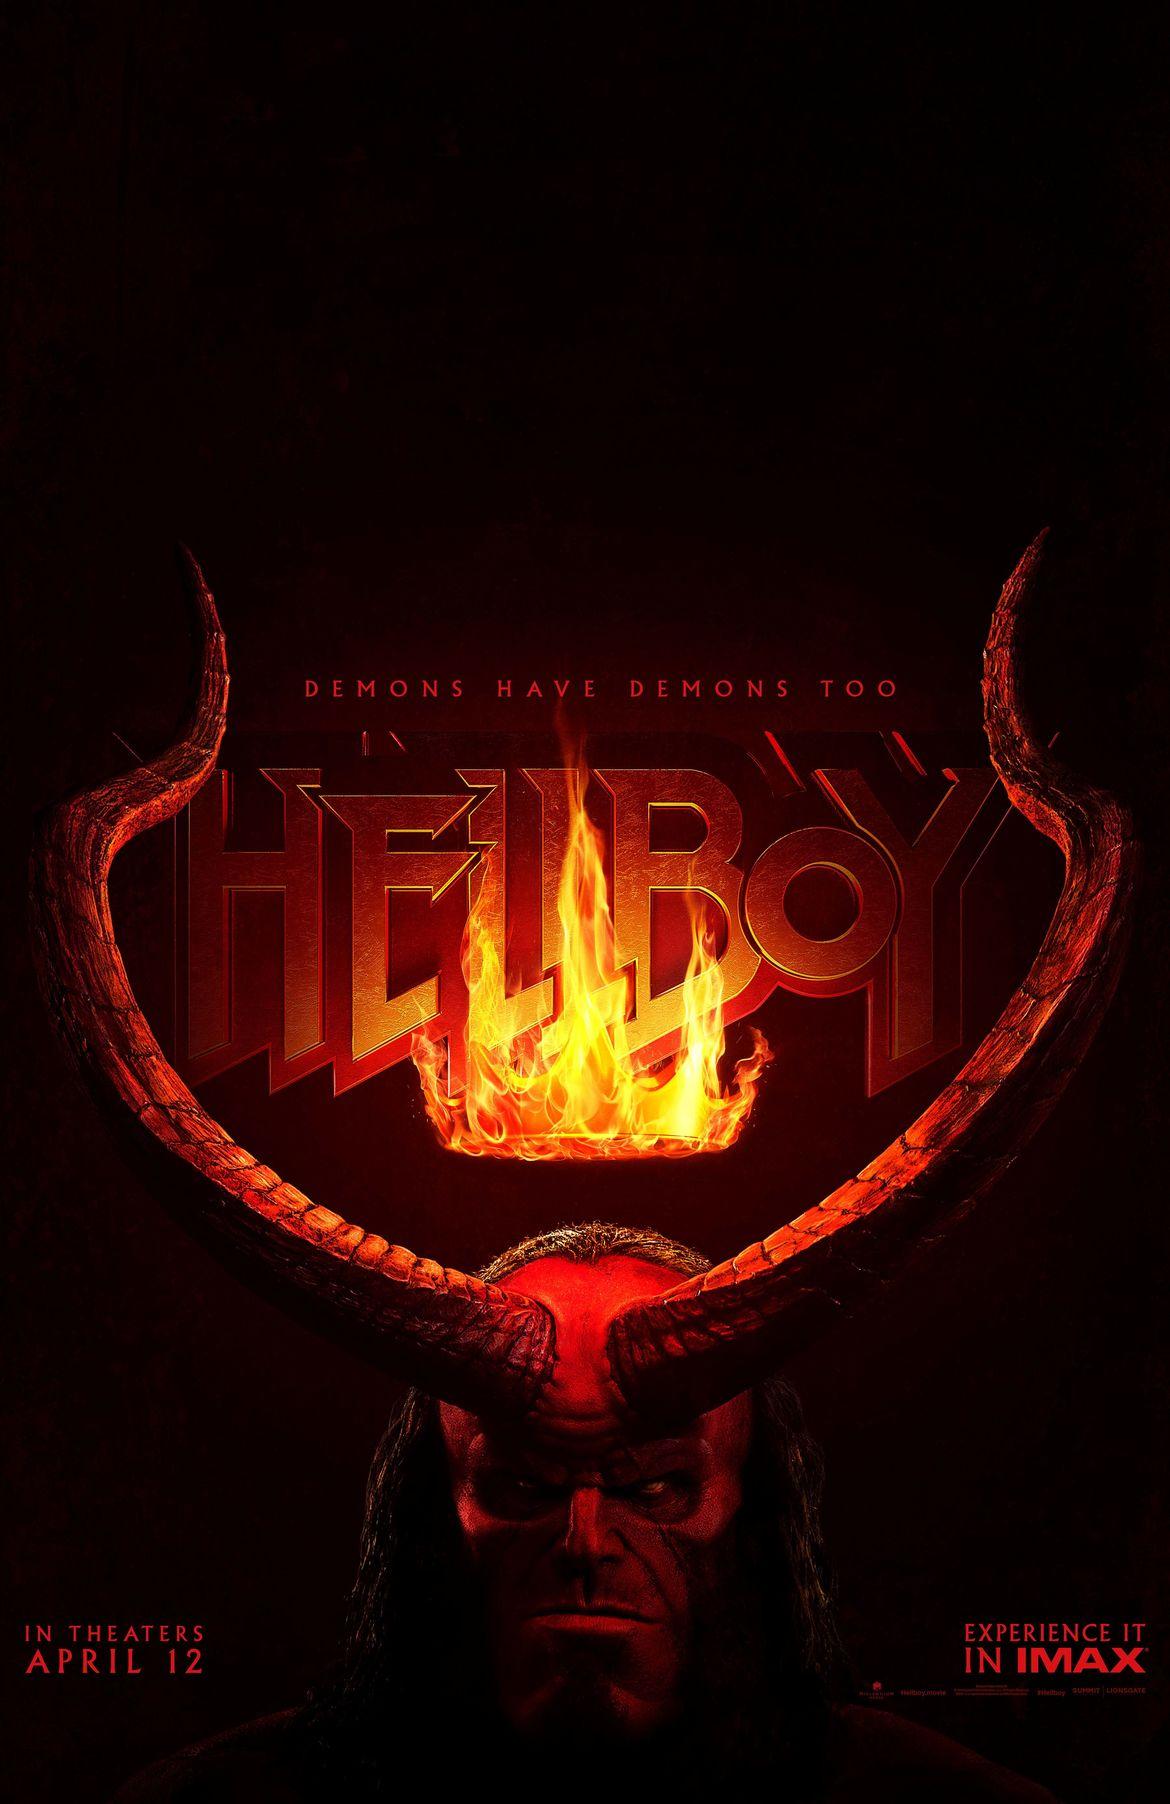 Hellboy reboot movie poster David Harbour